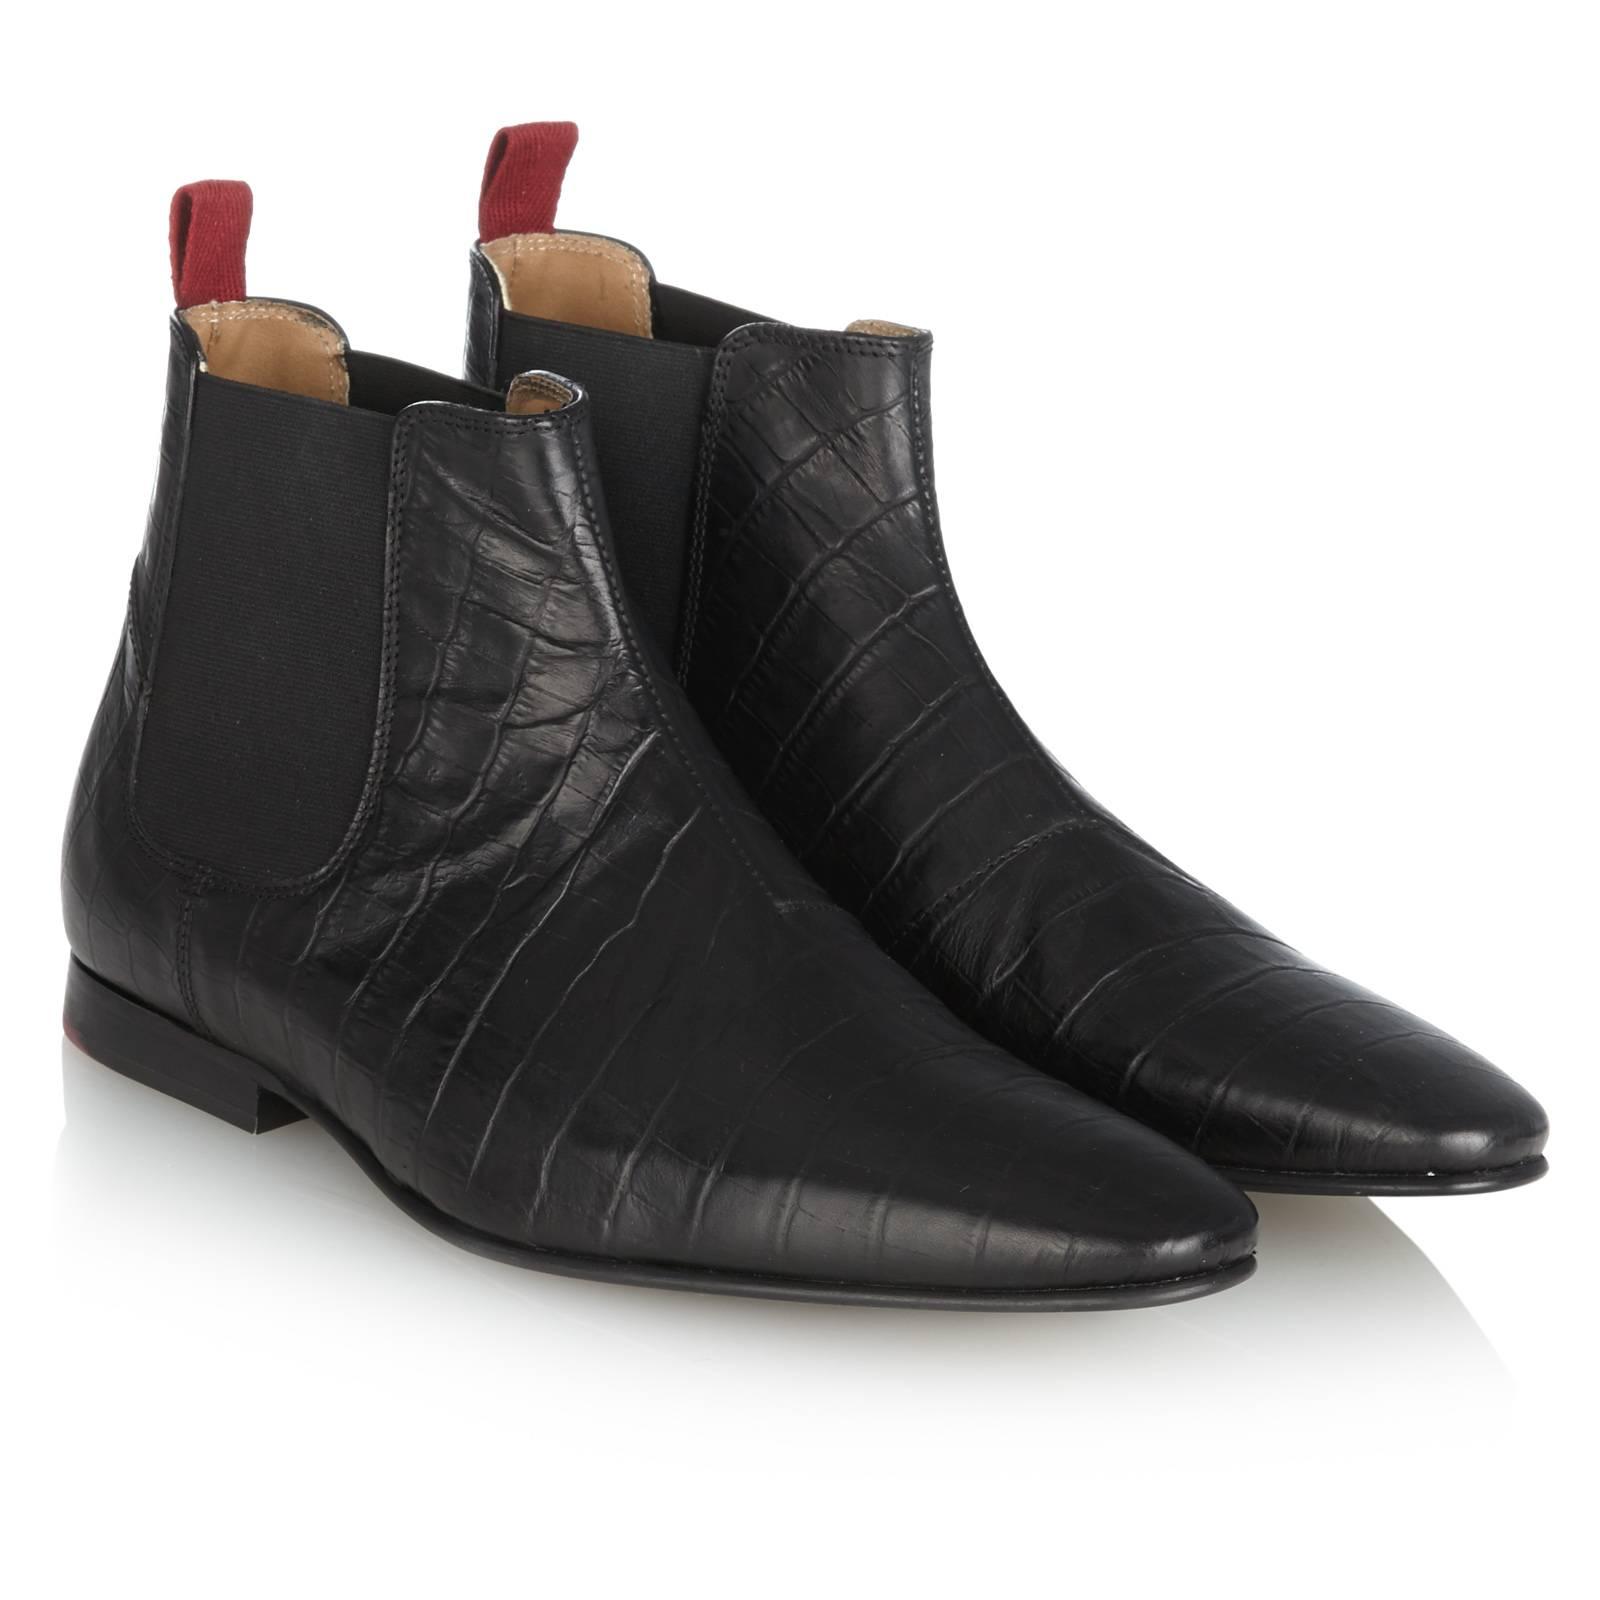 Обувь Челси Kensington II<br><br>Артикул: 0914104<br>Материал: 100% кожа<br>Цвет: черный<br>Пол: Мужской